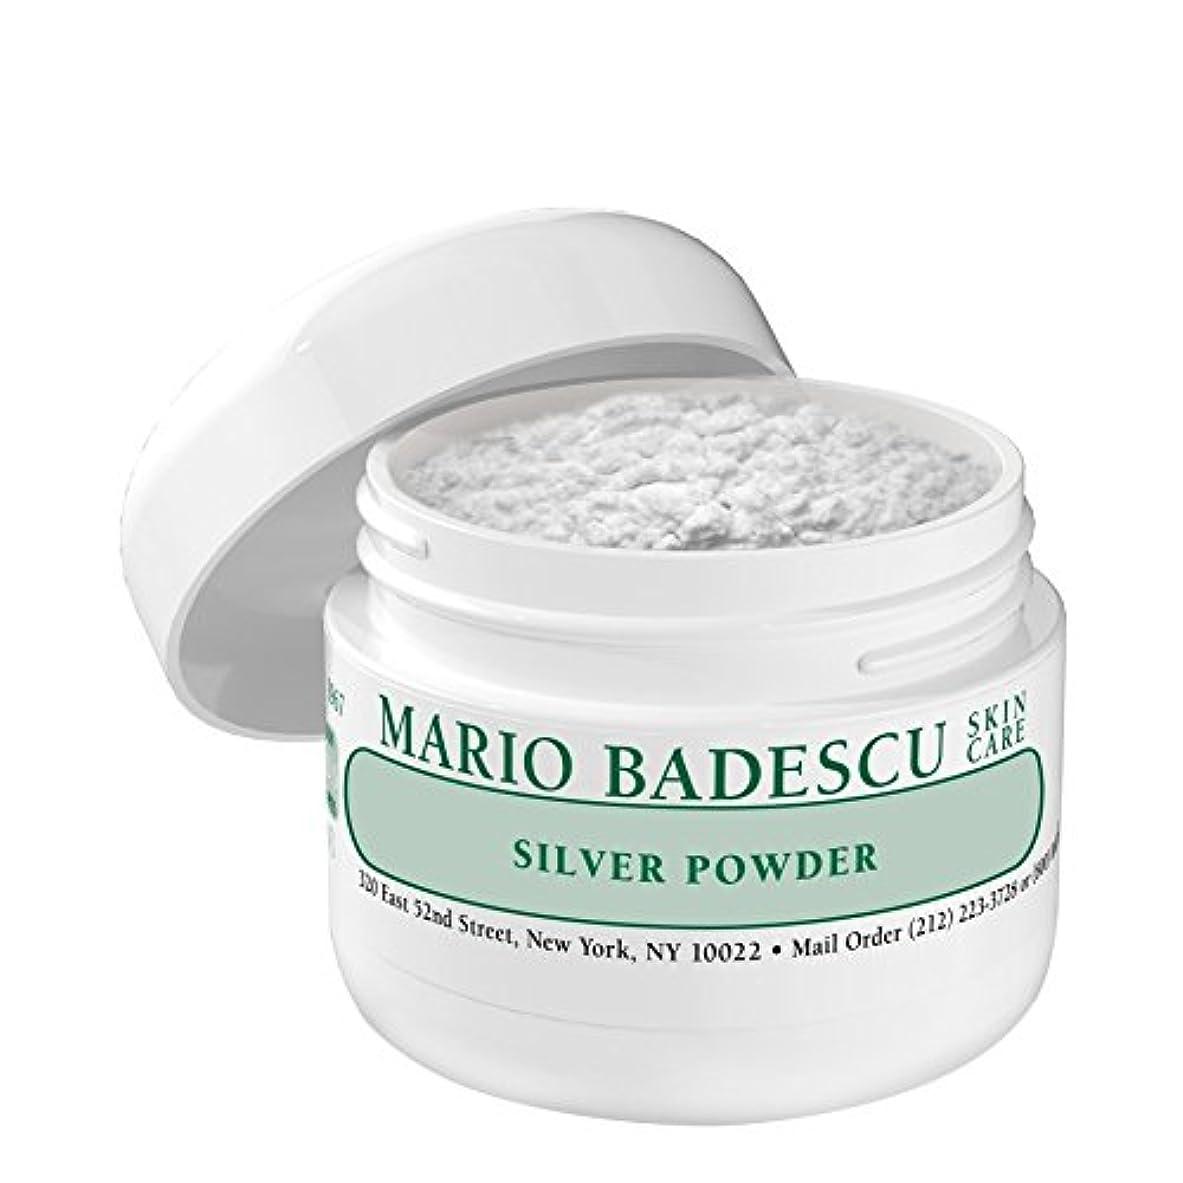 累積マングル現実的マリオ?バデスキュー銀粉末 x4 - Mario Badescu Silver Powder (Pack of 4) [並行輸入品]